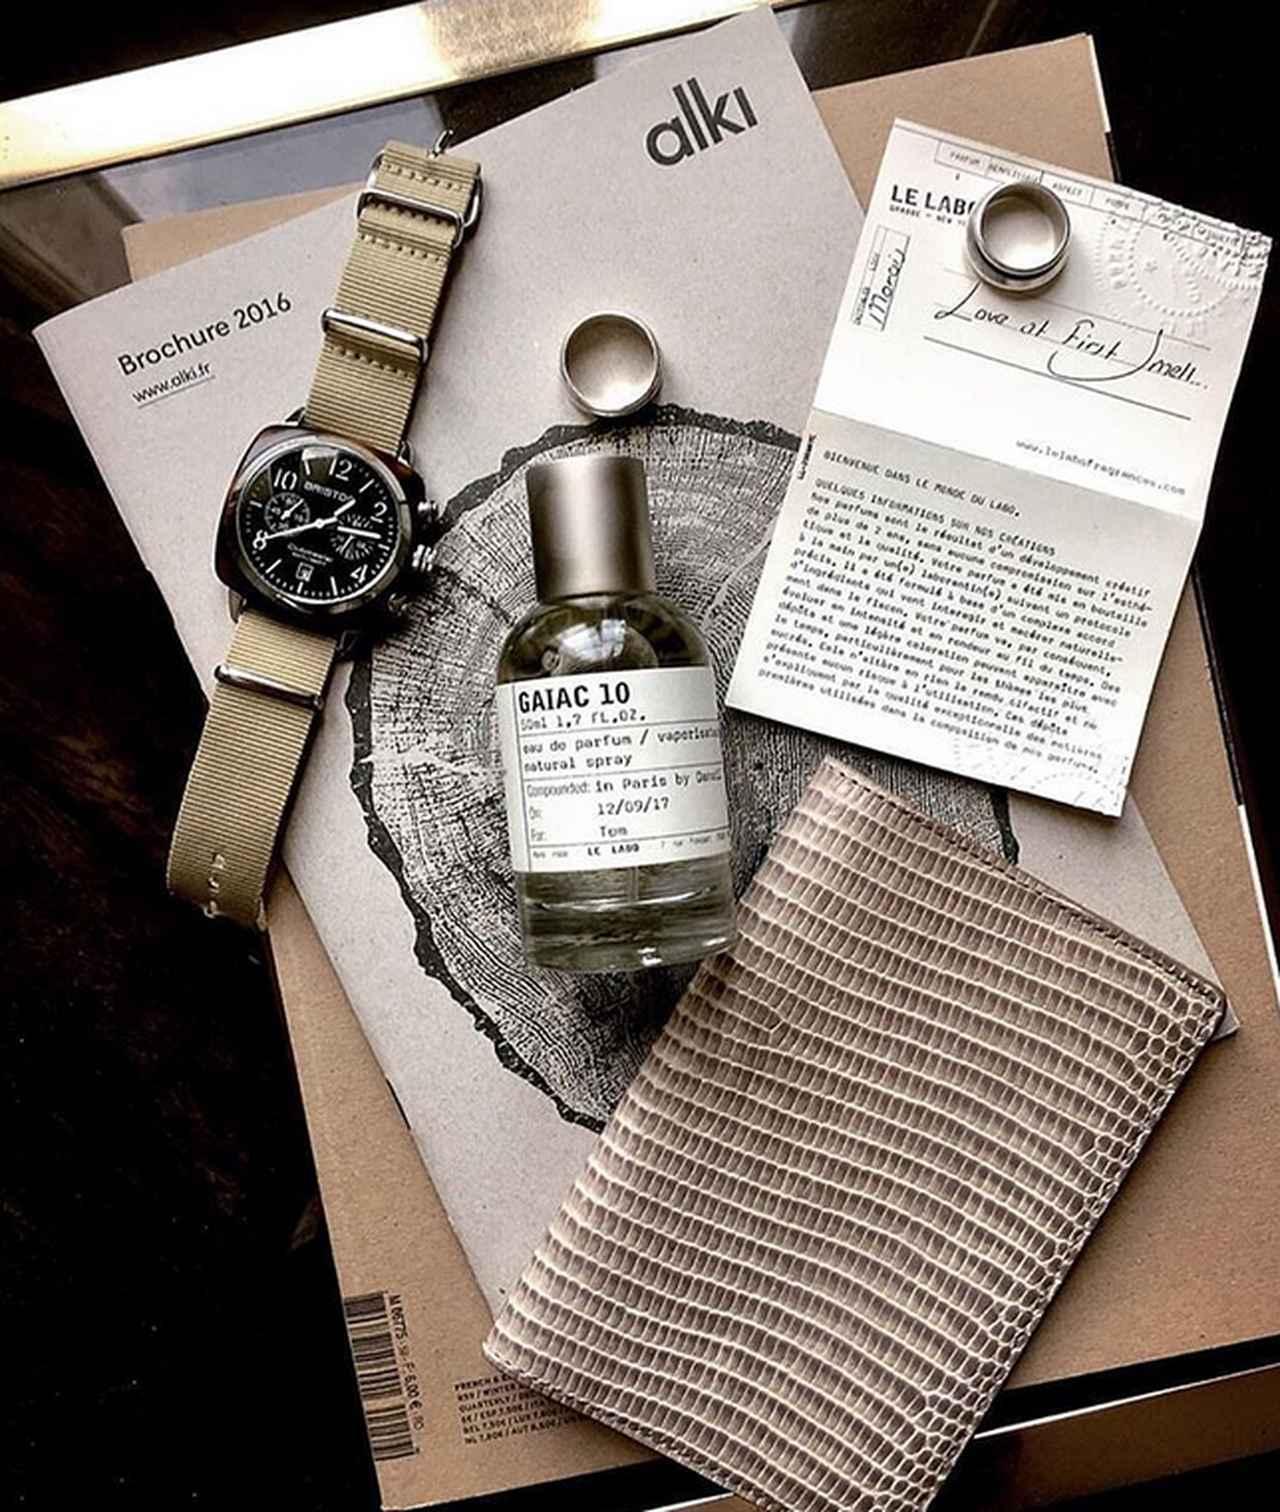 画像3: 今、ファッション関係者がぞっこん この腕時計知ってる?フランス発「ブリストン」 2万円台から買える、高級メゾンのクオリティ